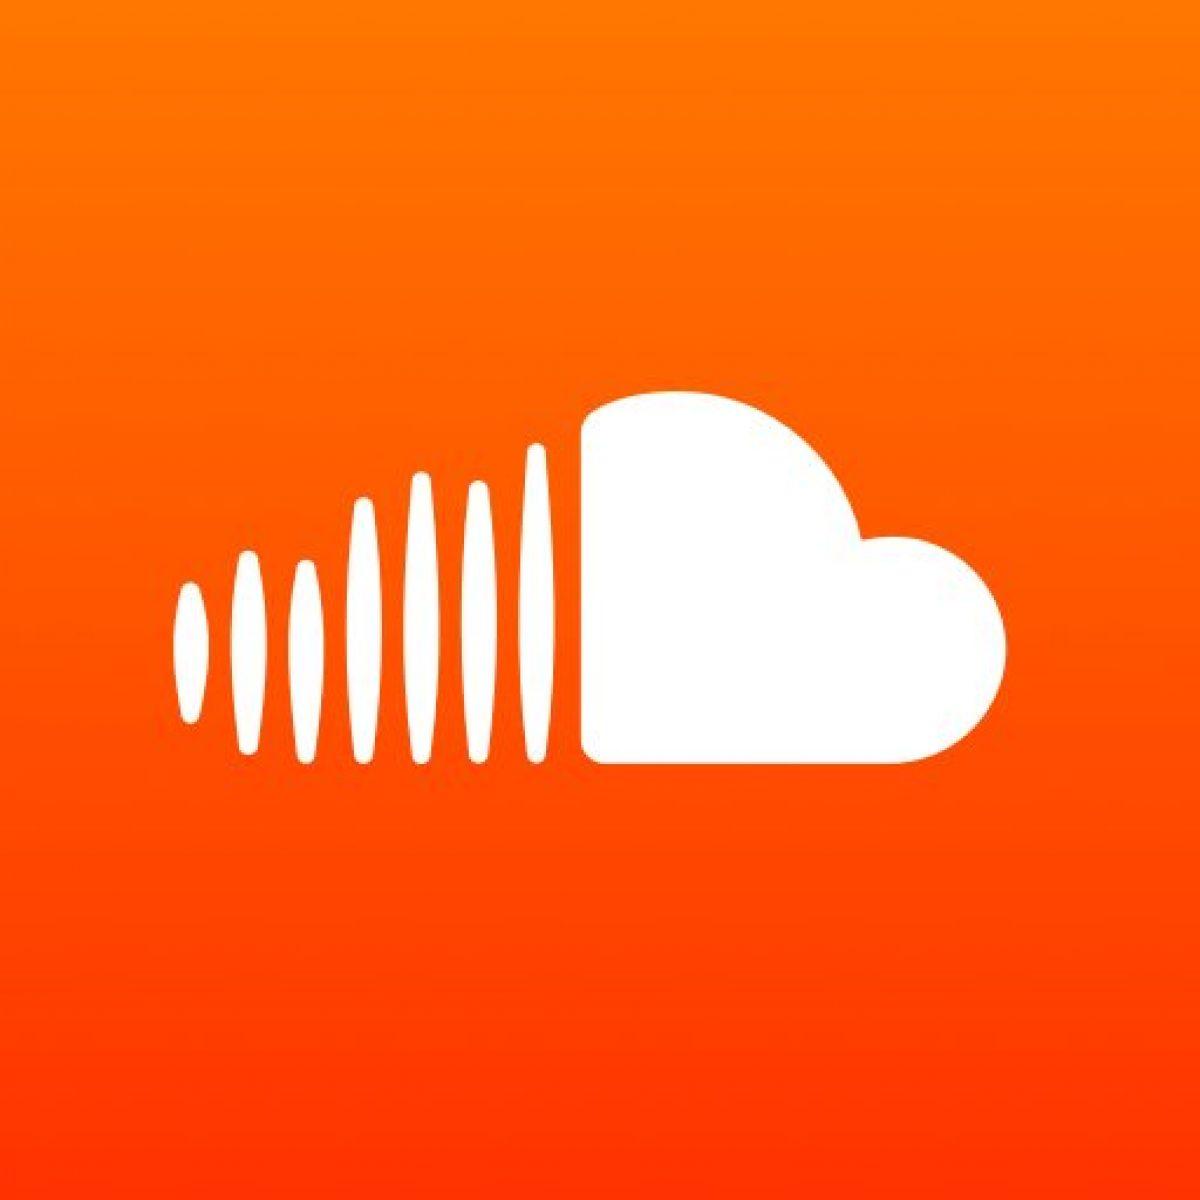 افضل برنامج للاستماع للموسيقى تحميل تطبيق ساوند كلاود SoundCloud Music & Audio للاندرويد apk اخر اصدار